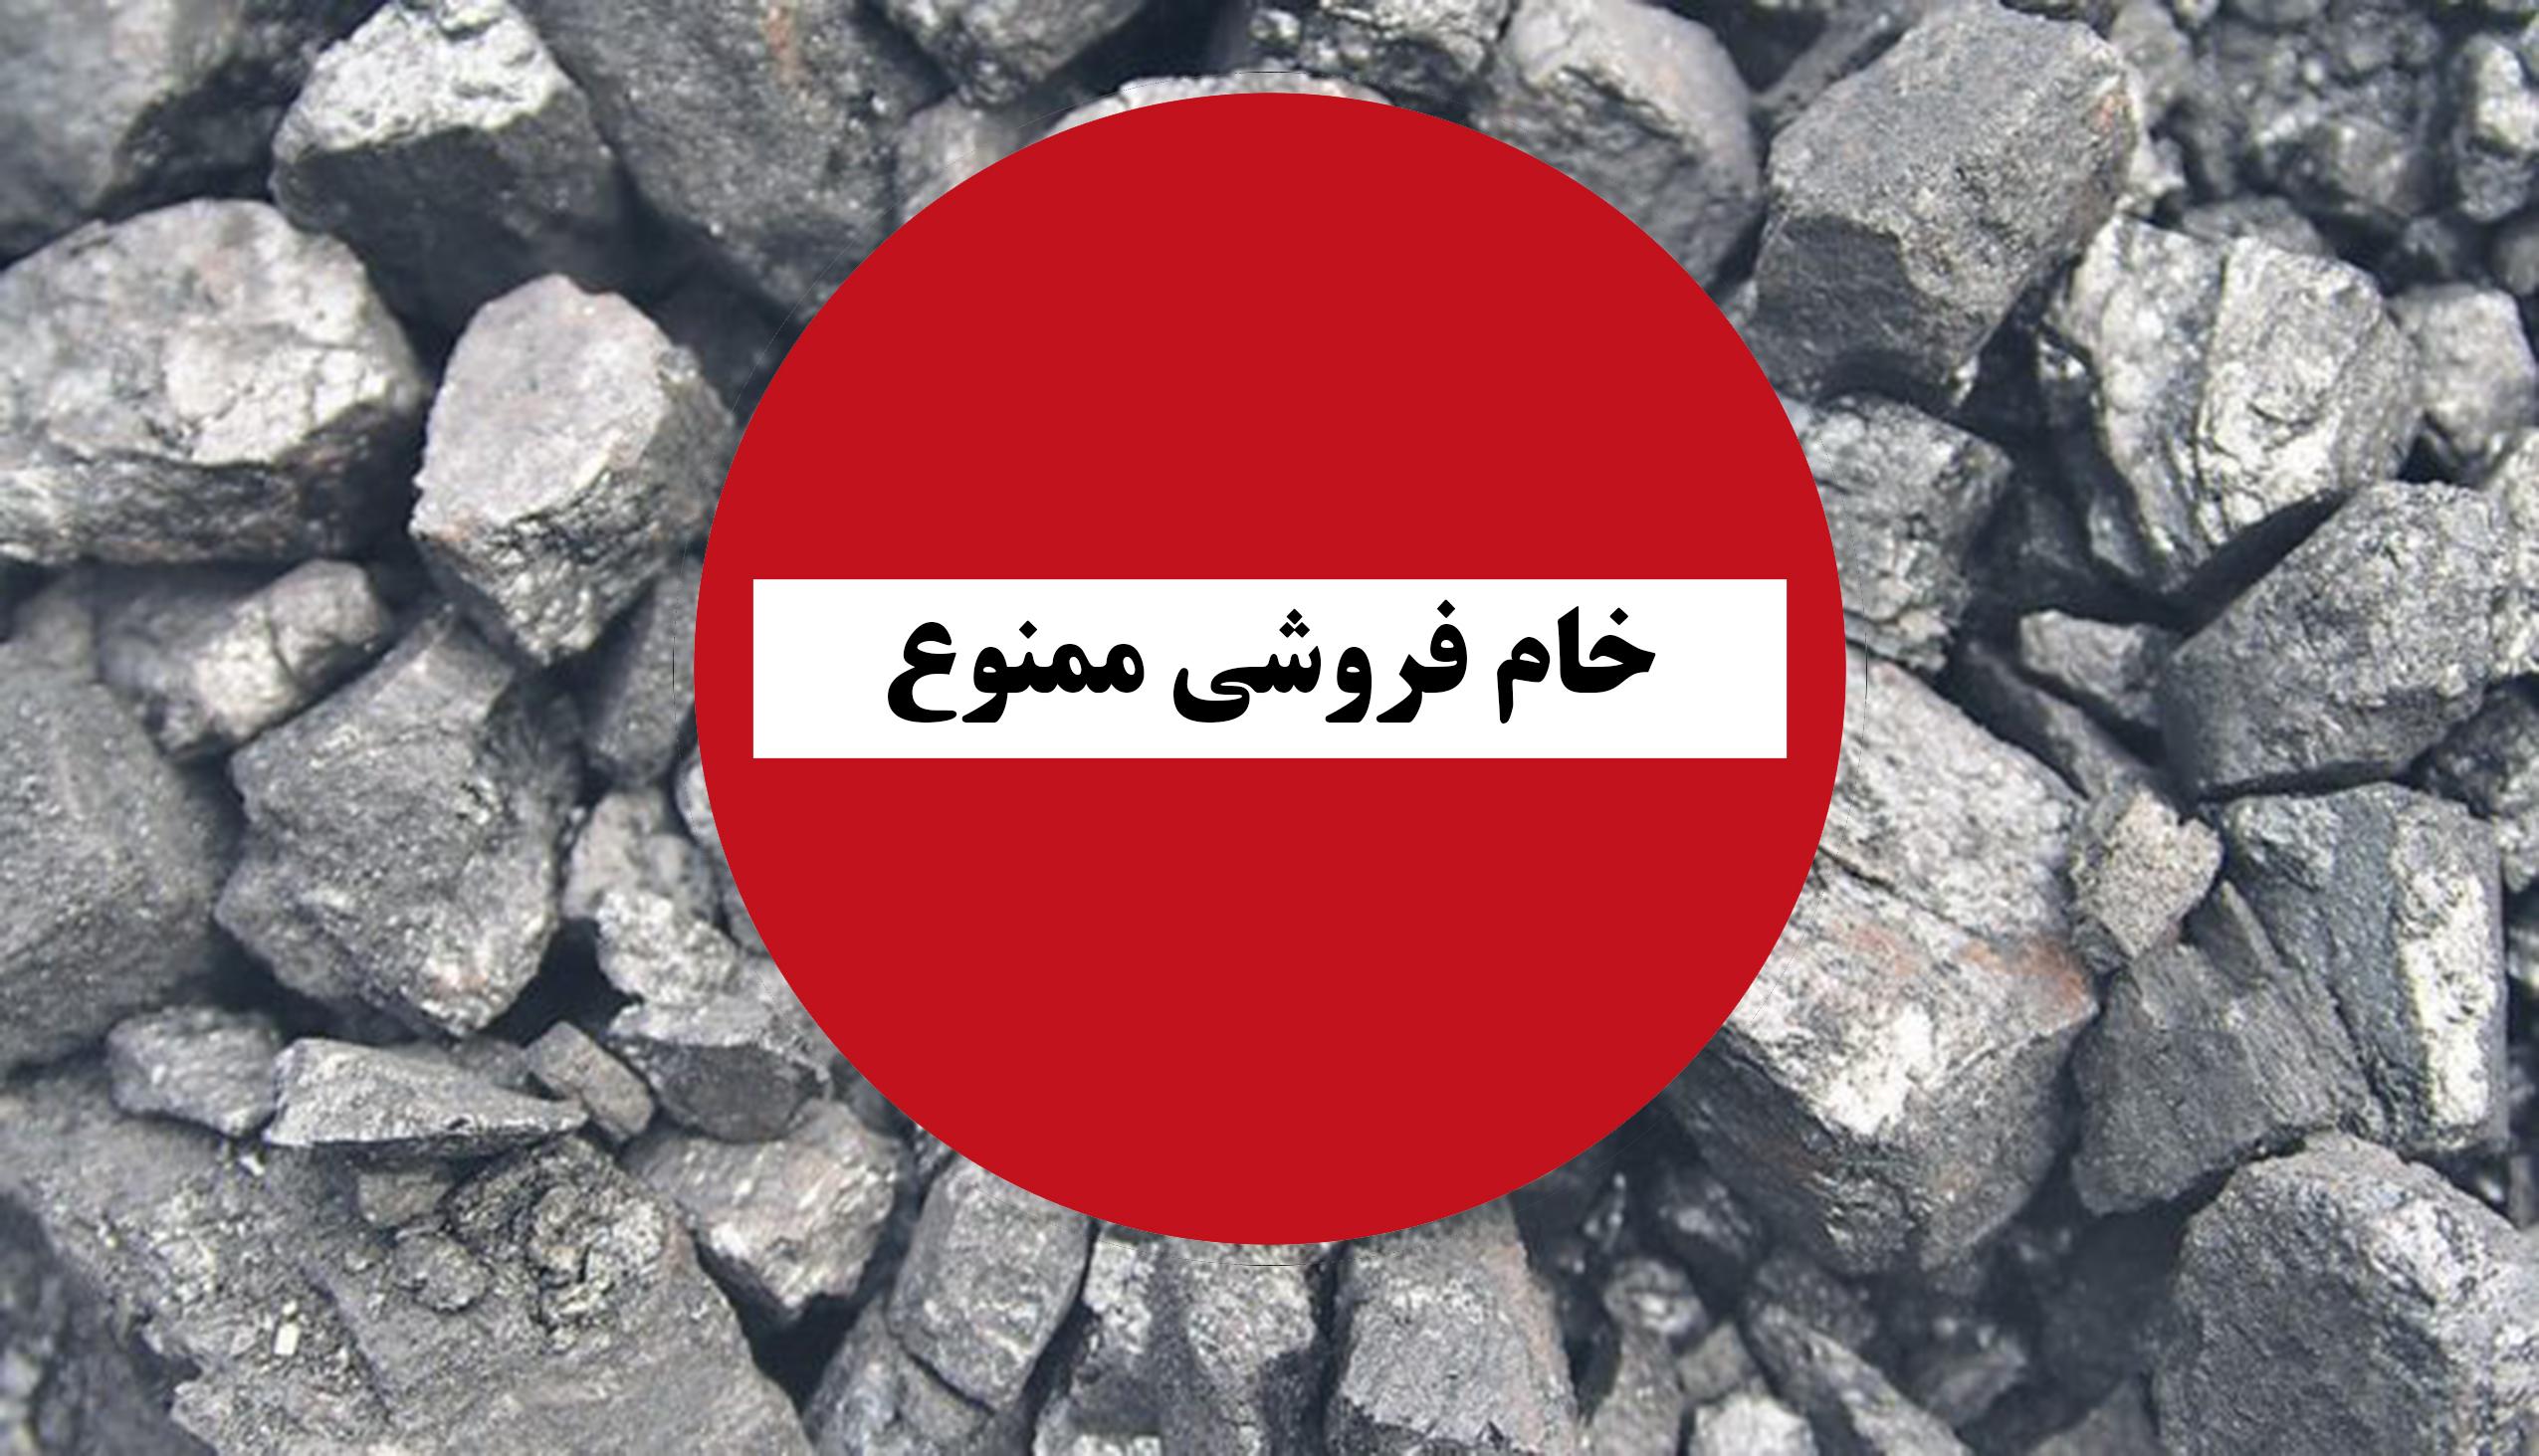 نیم نگاهی به خام فروشی در آذربایجان غربی / از ثروت هایمان چه استفاده ای می کنیم؟